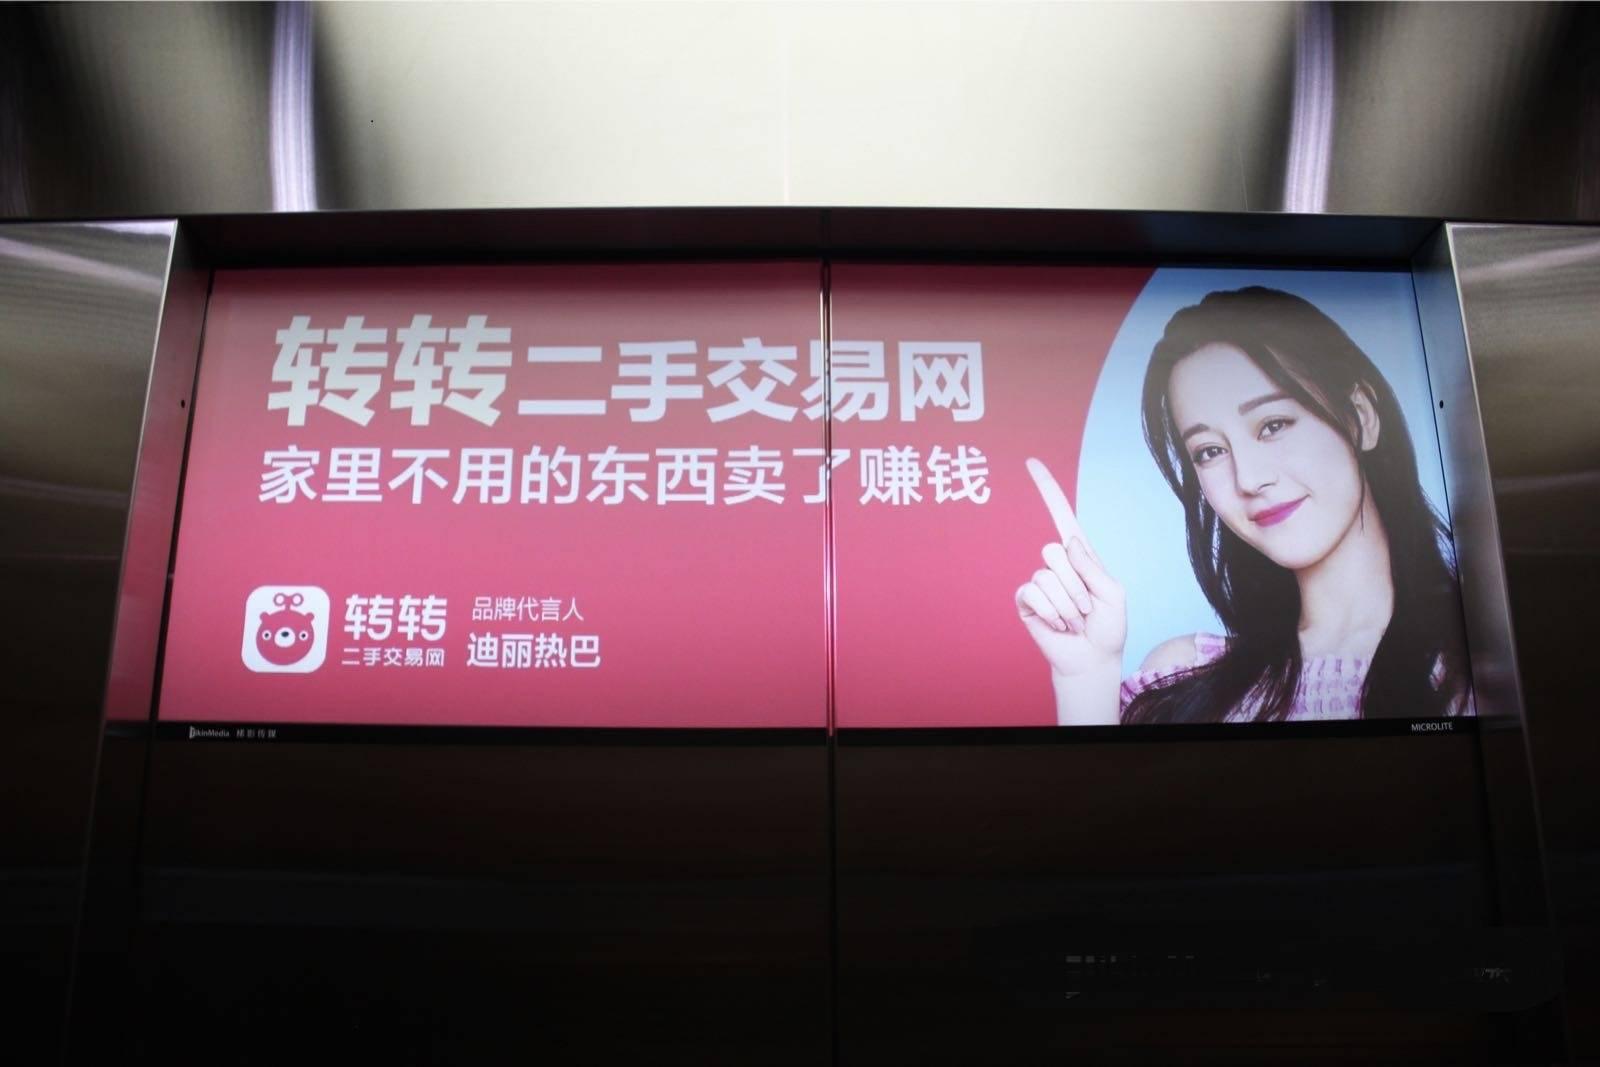 嘉兴电梯投影广告